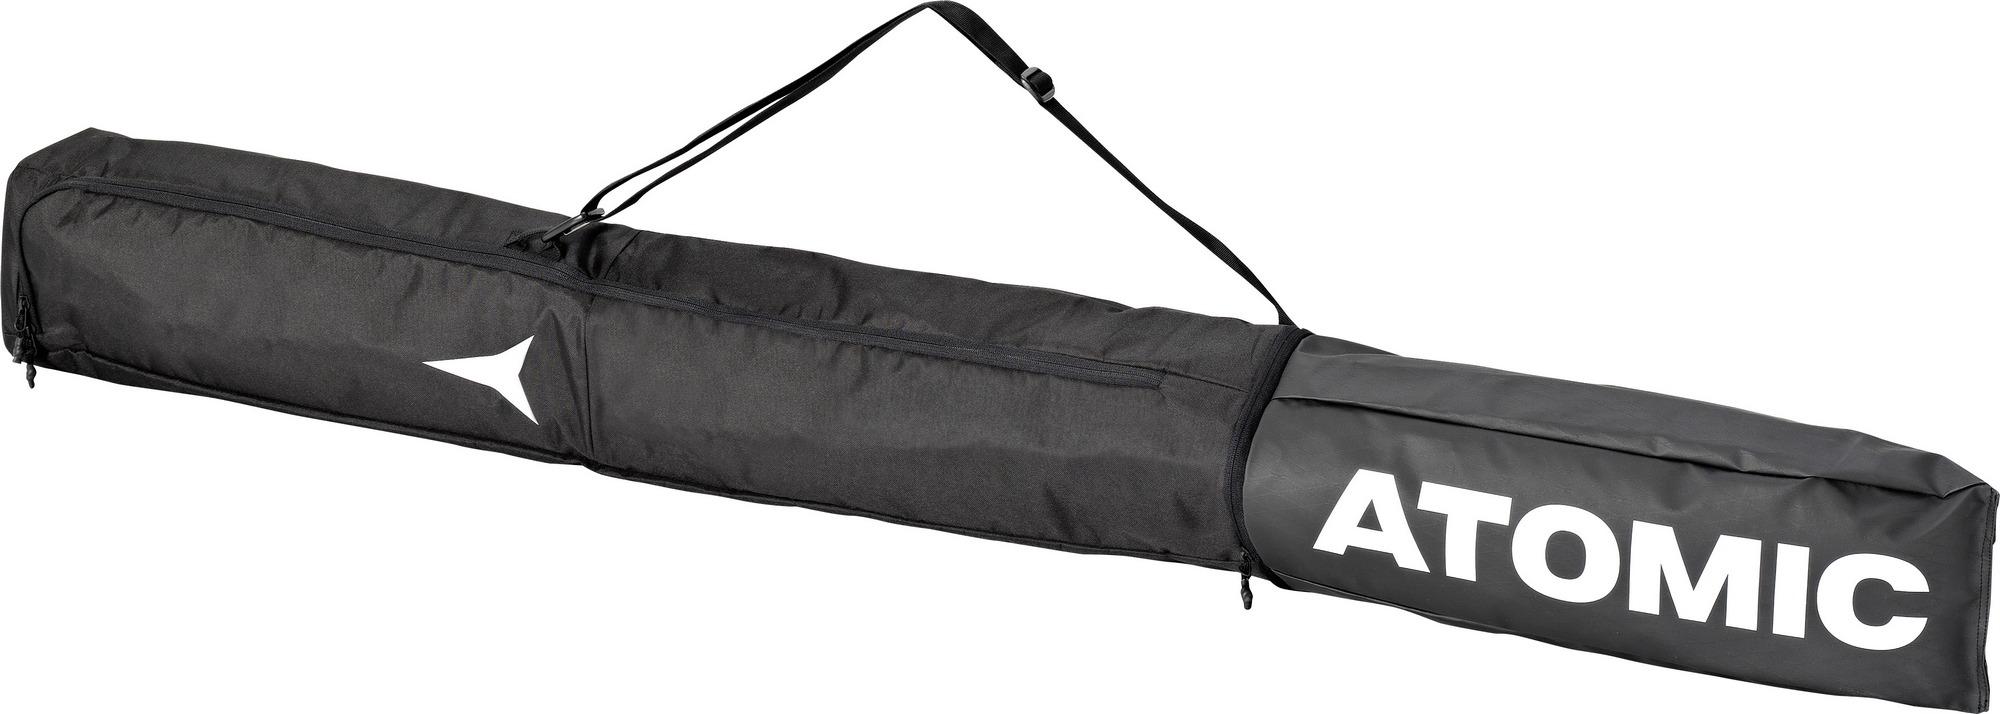 bfbfdfe86b70 Atomic Чехол для лыж NORDIC SKI BAG 3 PAIRS